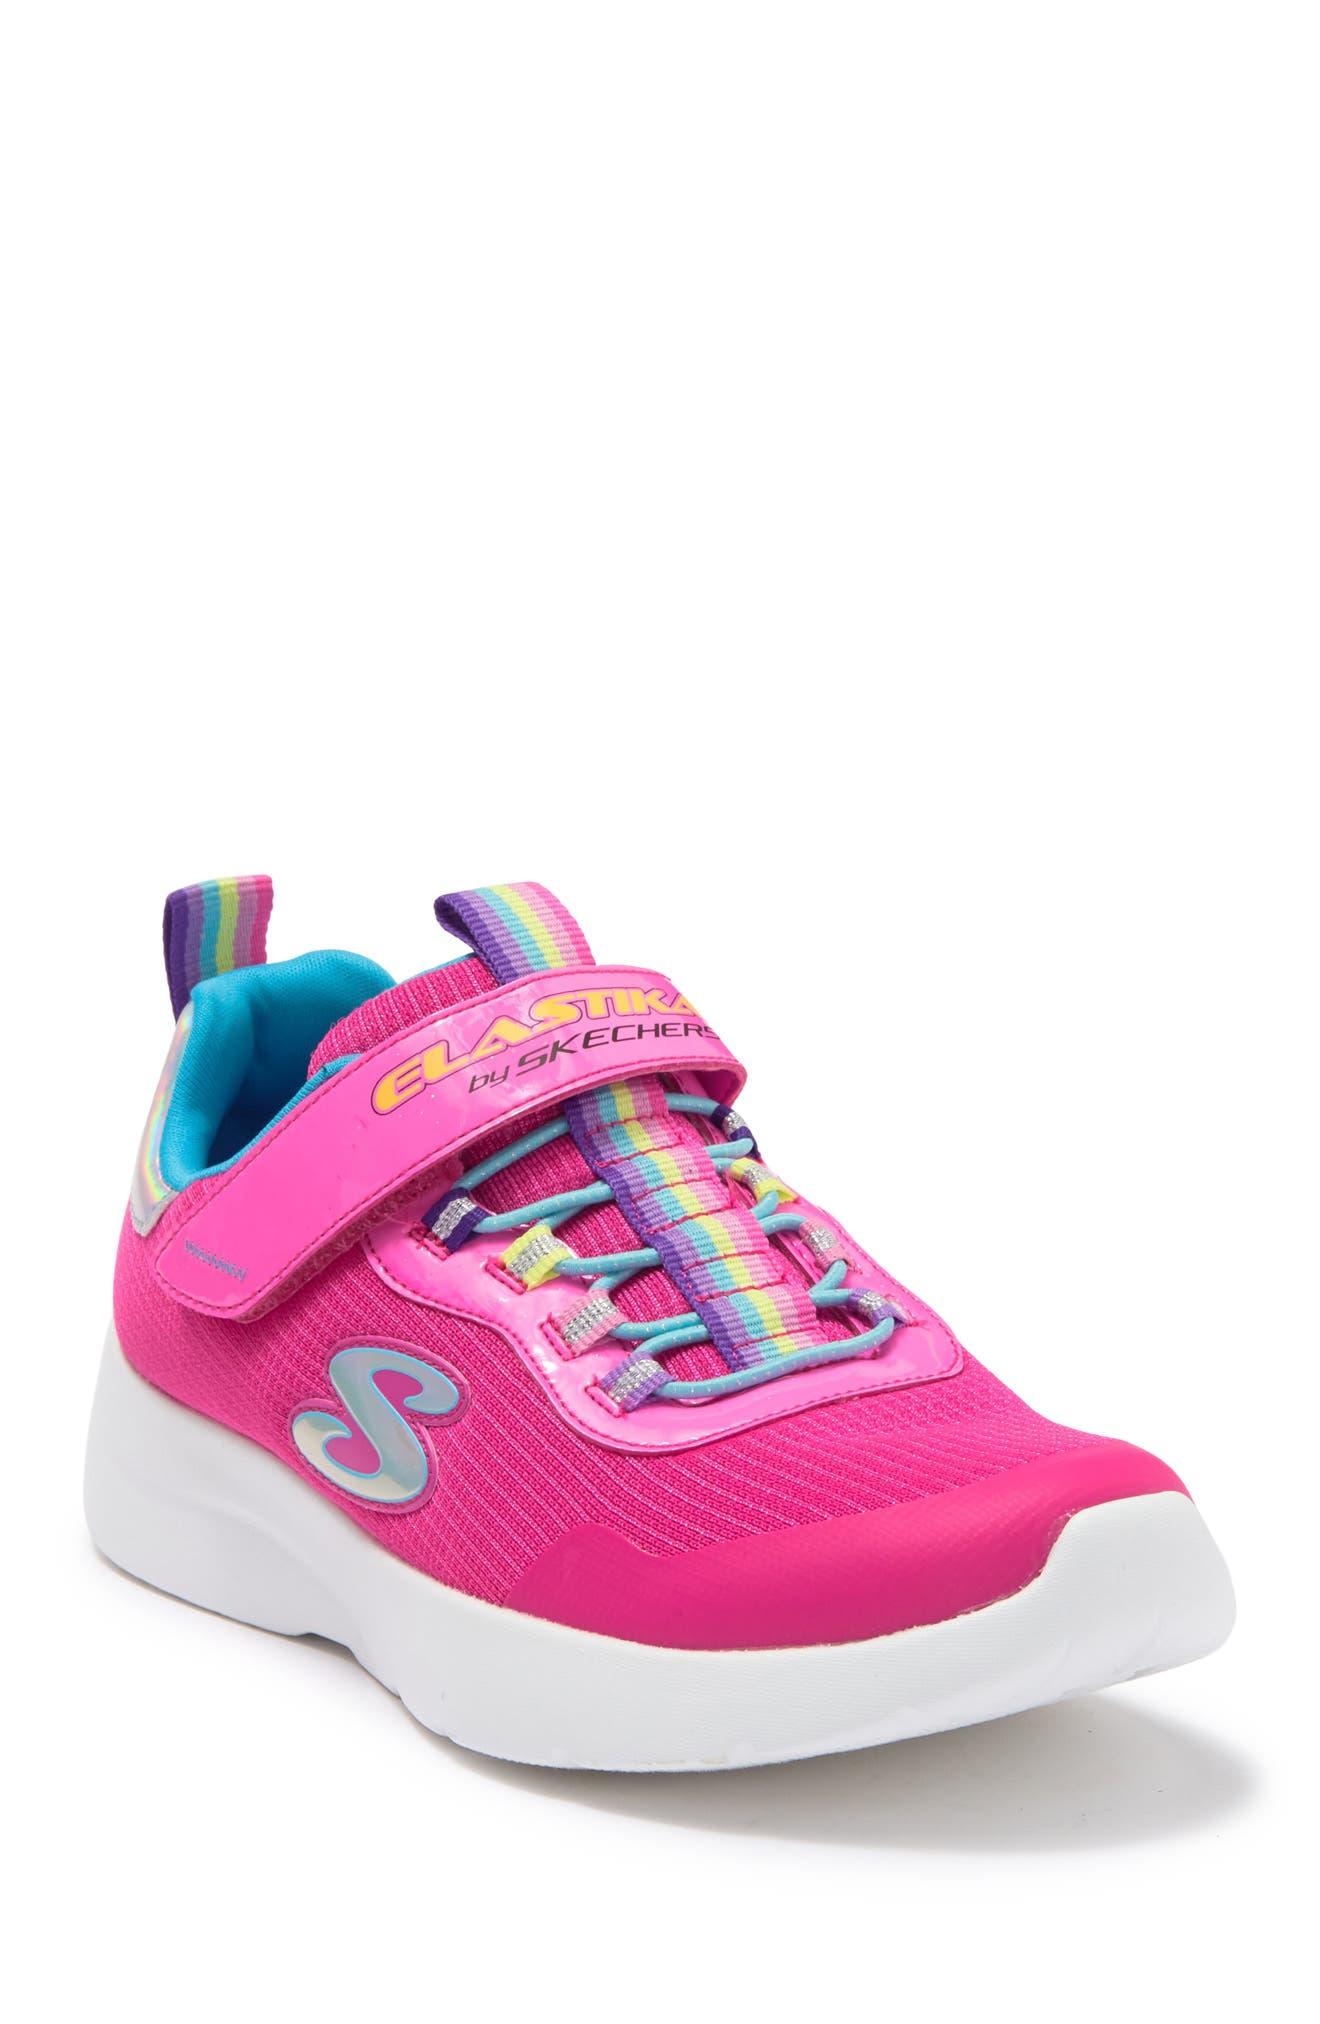 Image of Skechers Dynamight 2.0 Rockin Rainbow Sneaker